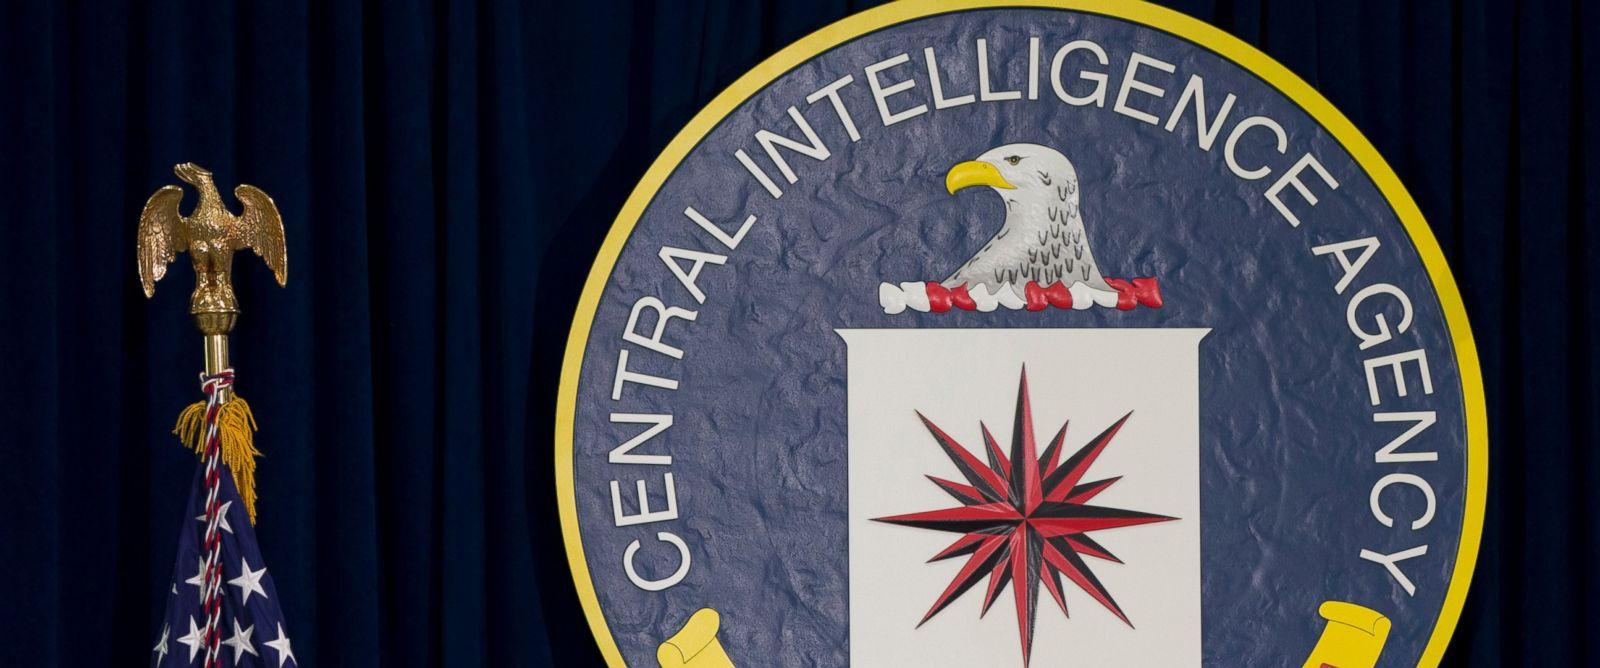 WikiLeaks готова поделиться информацией об инструментах ЦРУ, чтобы компании закрыли уязвимости - 1